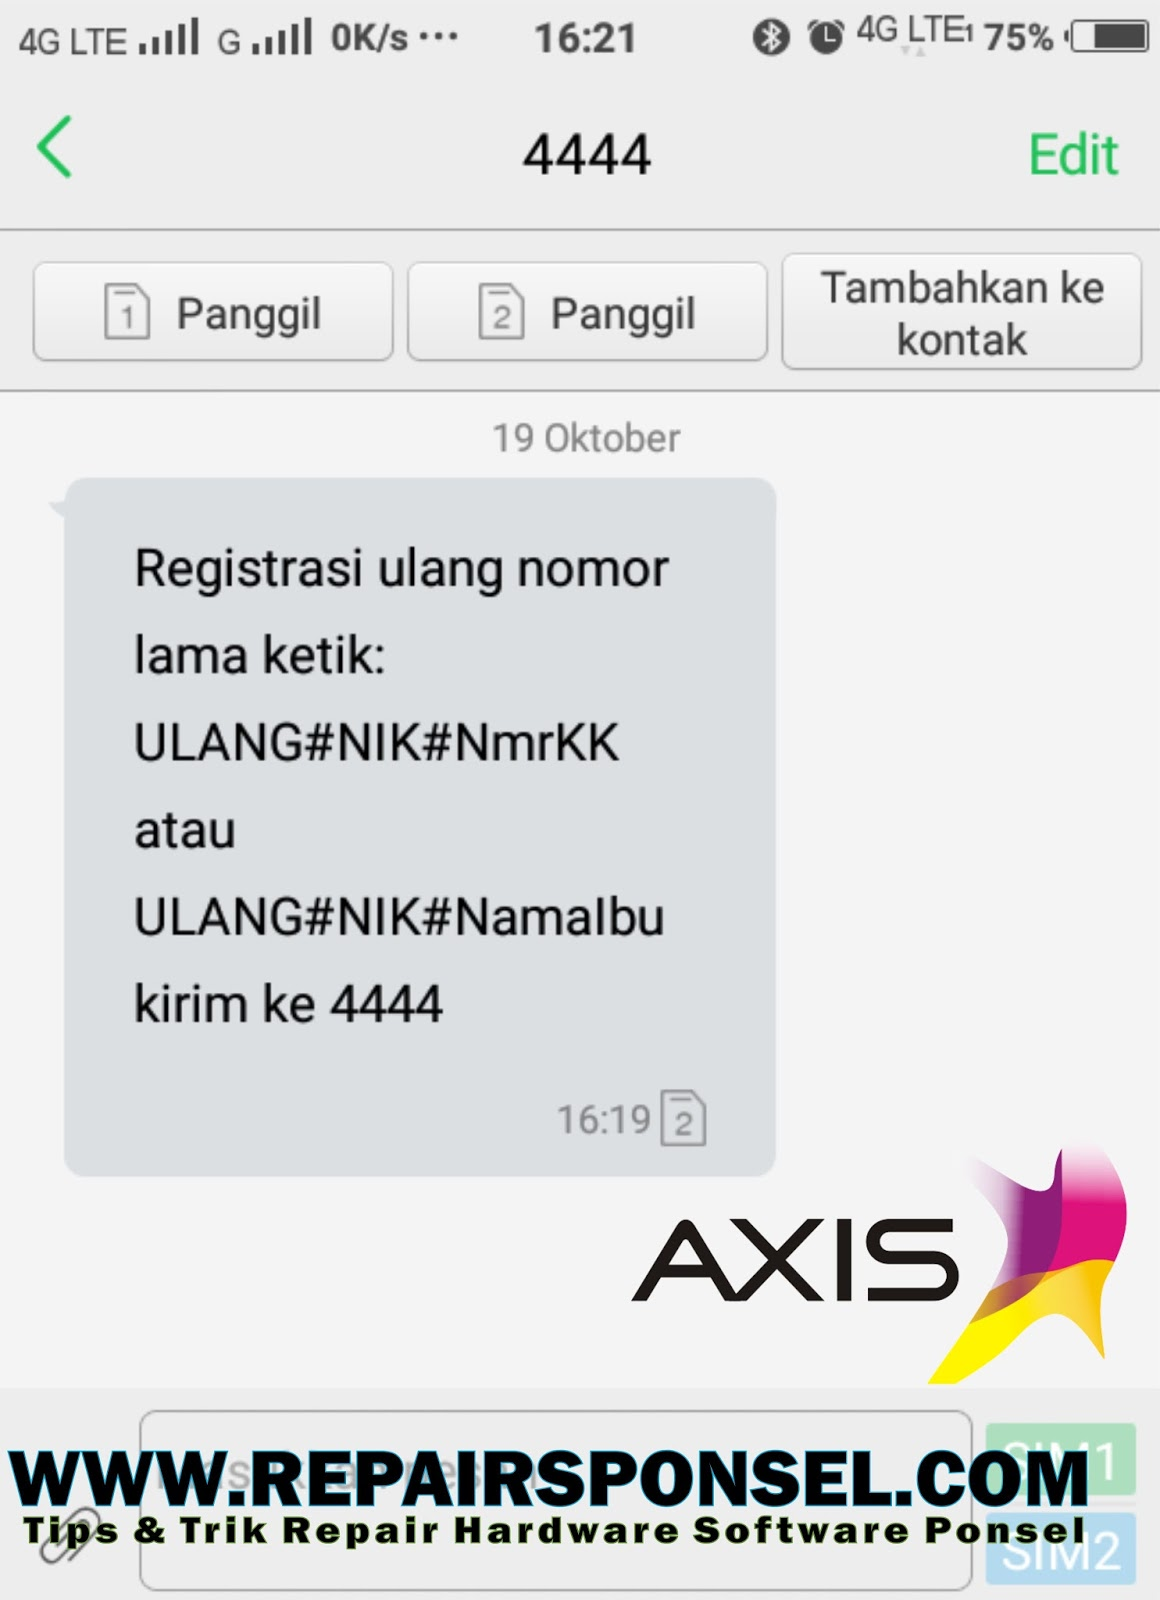 Cara Registrasi Ulang Kartu Axis Sesuai KTP dan KK  Repairs Ponsel